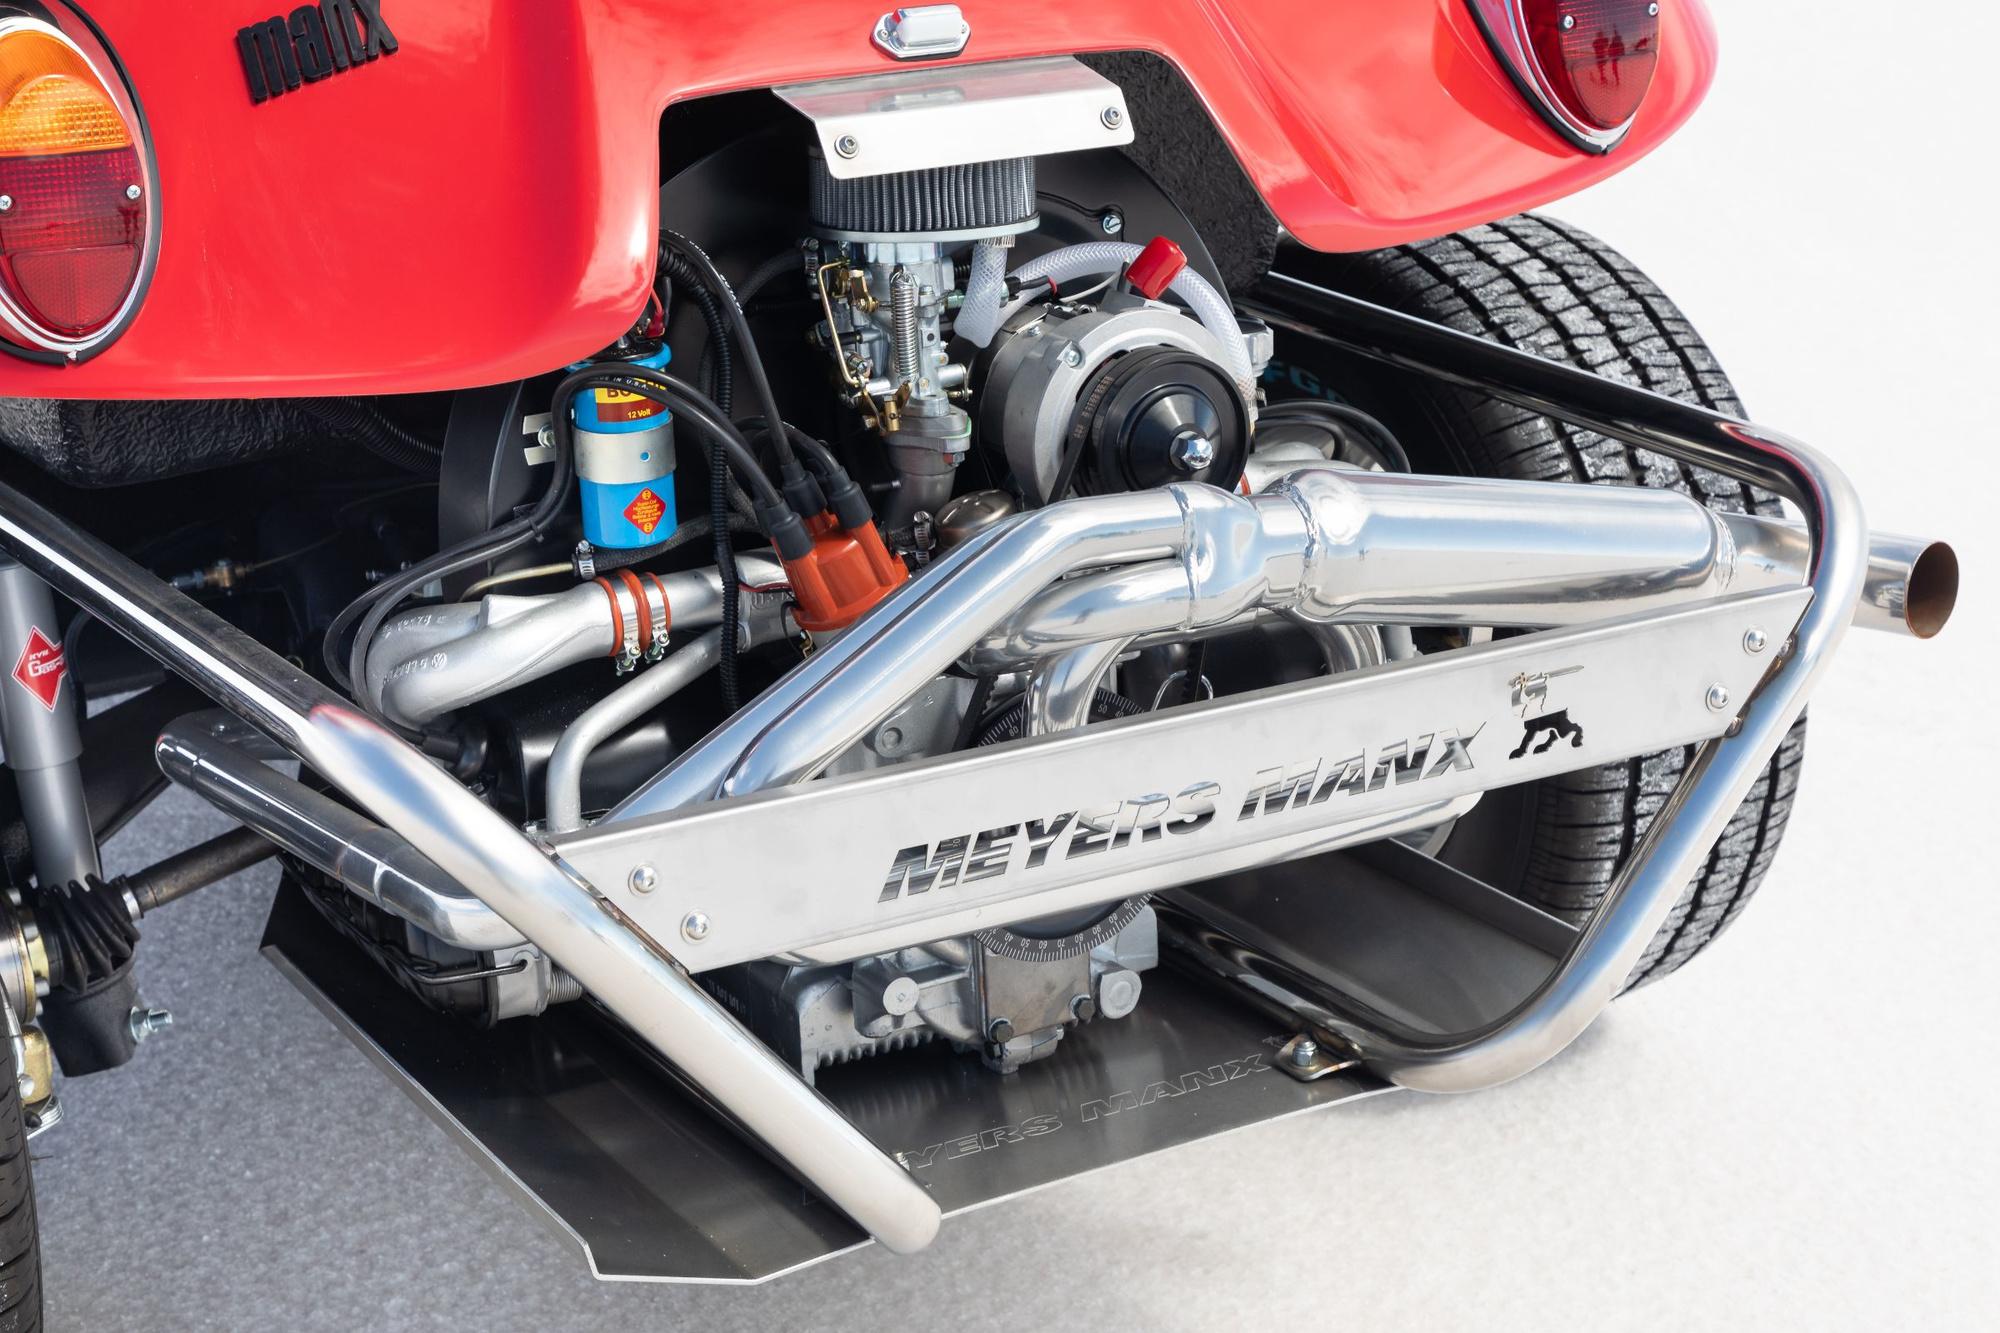 Moteur Volkswagen refroidit par air (celui de la Cox, comme le châssis), facile d'accès et dont le poids posé sur les roues arrière favorise la motricité dans le sable., GF